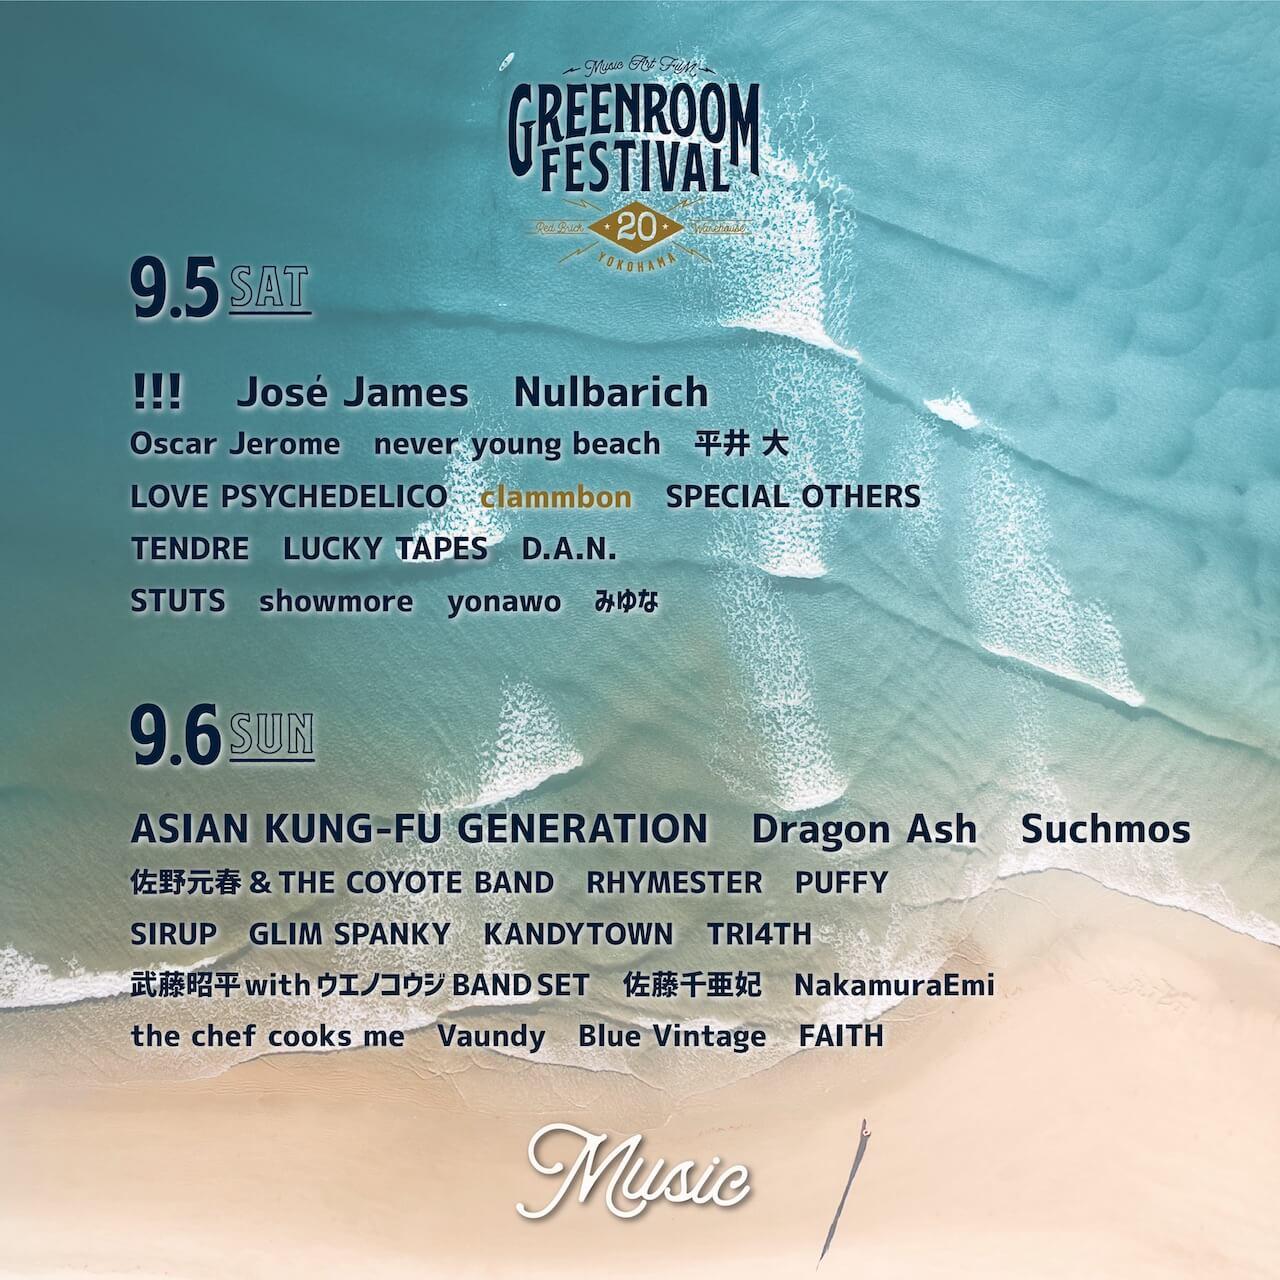 <GREENROOM FESTIVAL'20>が開催中止に music200801-greenroomfestival-2